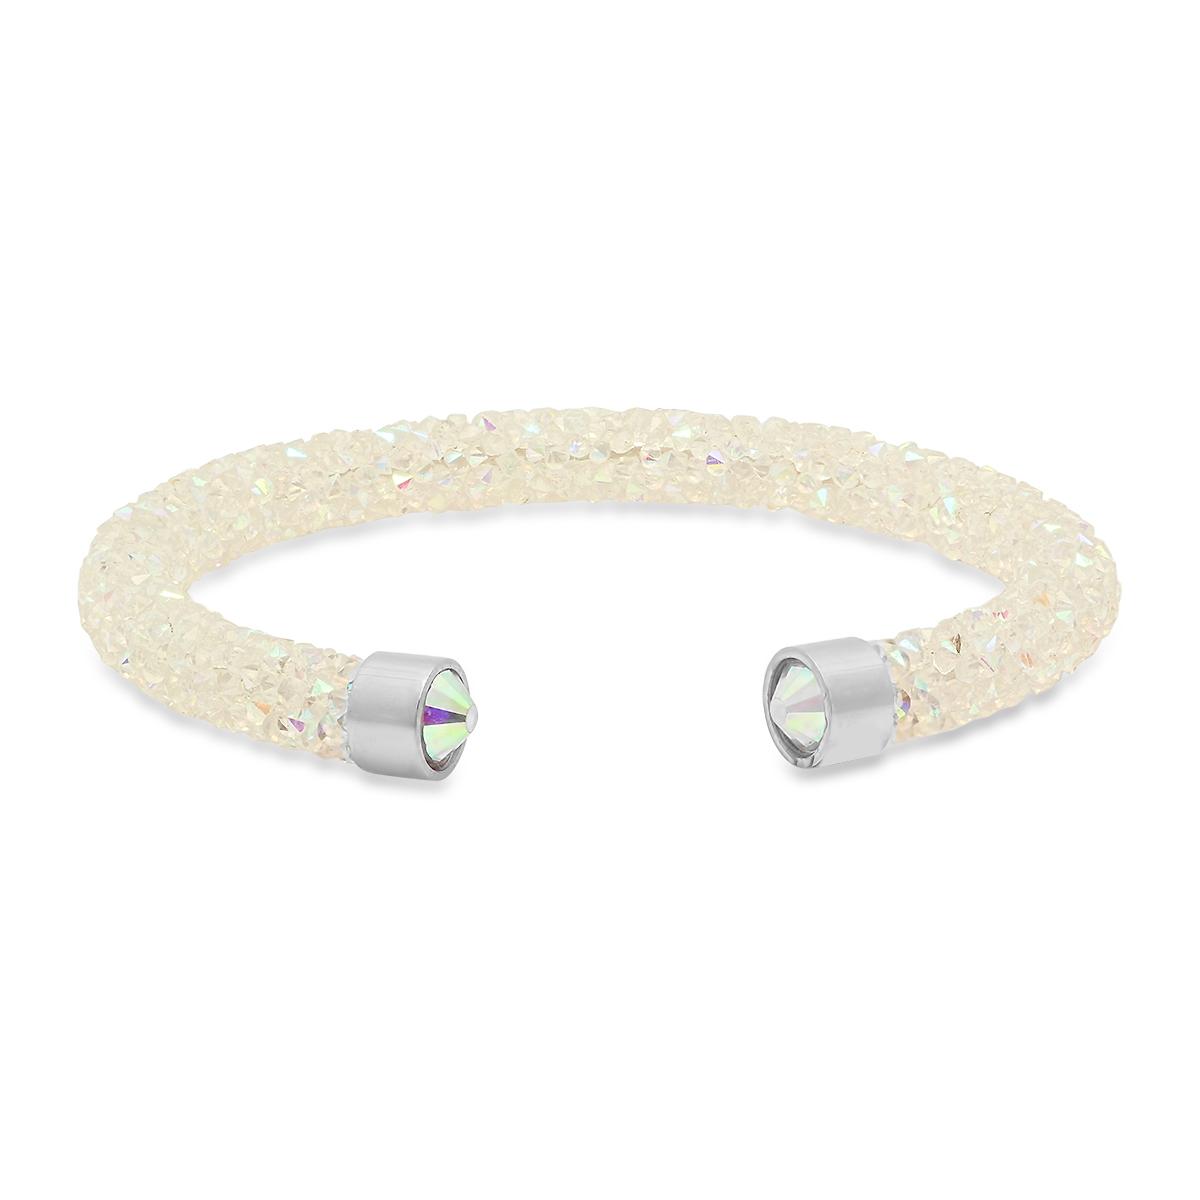 Stainless Steel Aurora Borealis Crystal Adjustable Cuff Bracelet